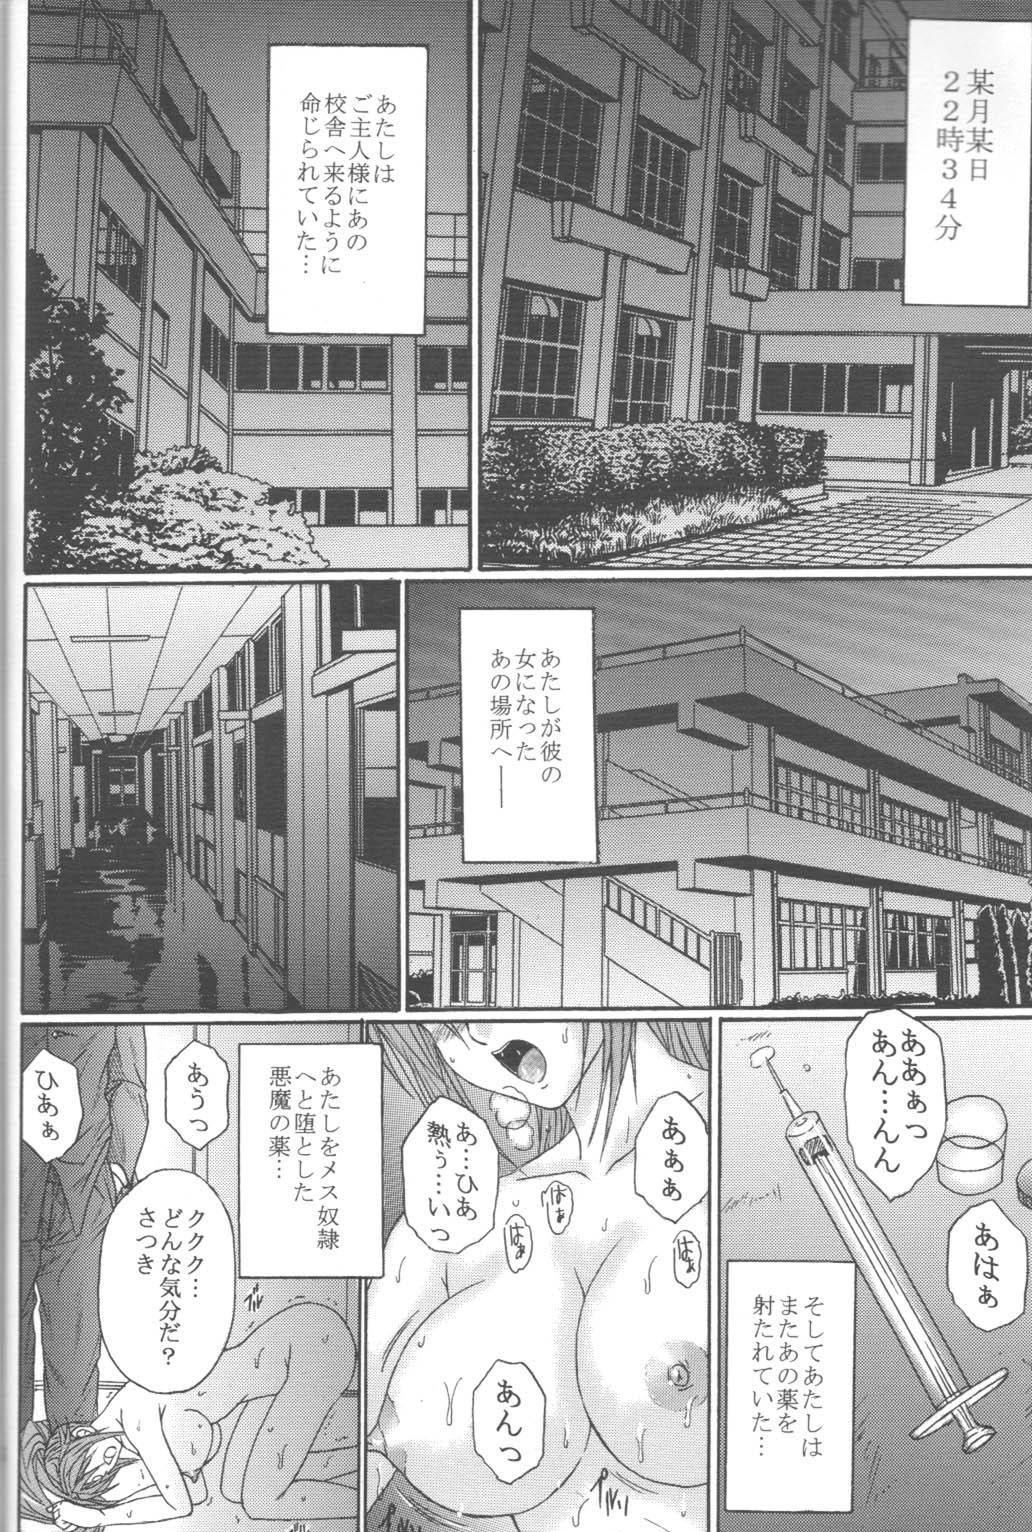 Ryoujoku Rensa 05 4